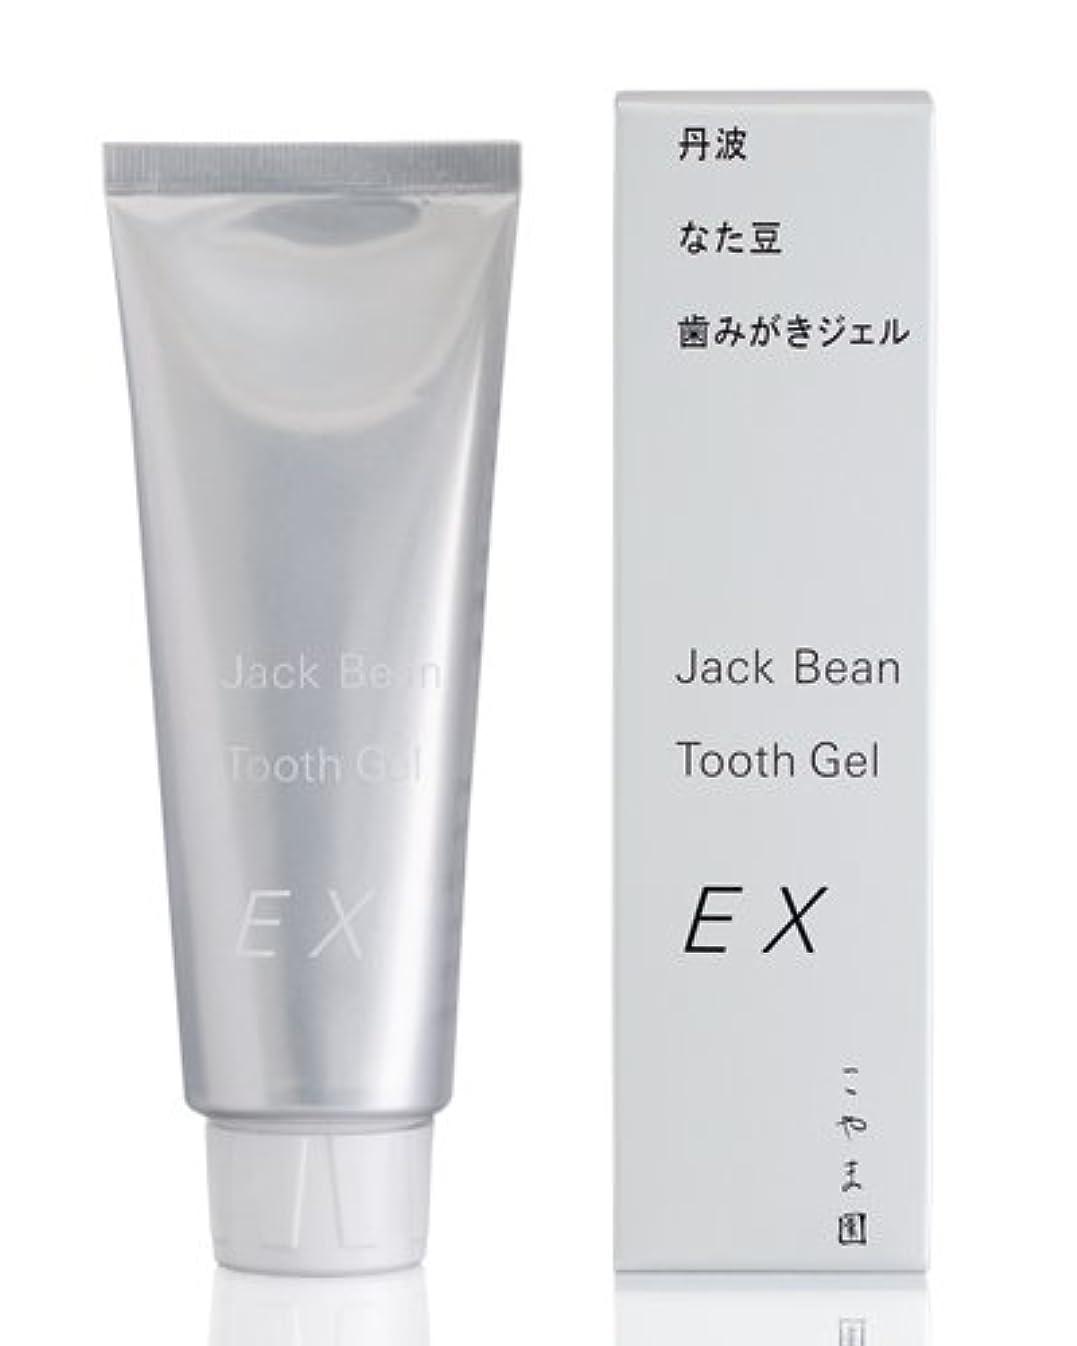 趣味通知ピアこやま園 丹波なた豆歯みがきジェルEX 120g